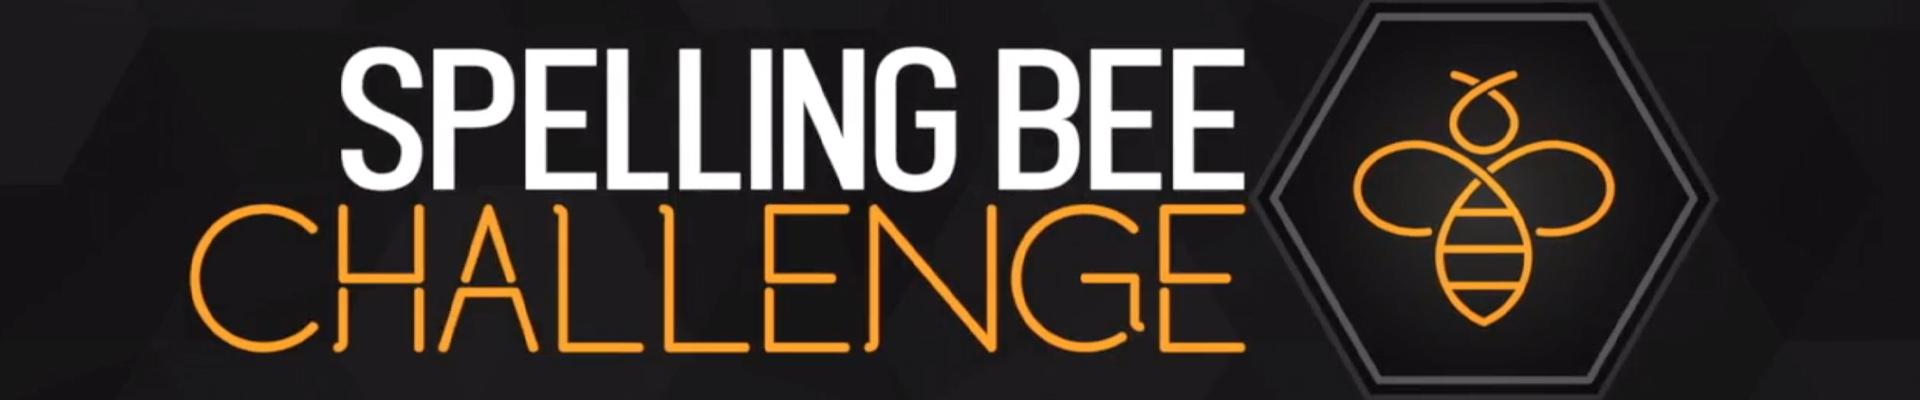 SPELLING BEE CHALLENGE